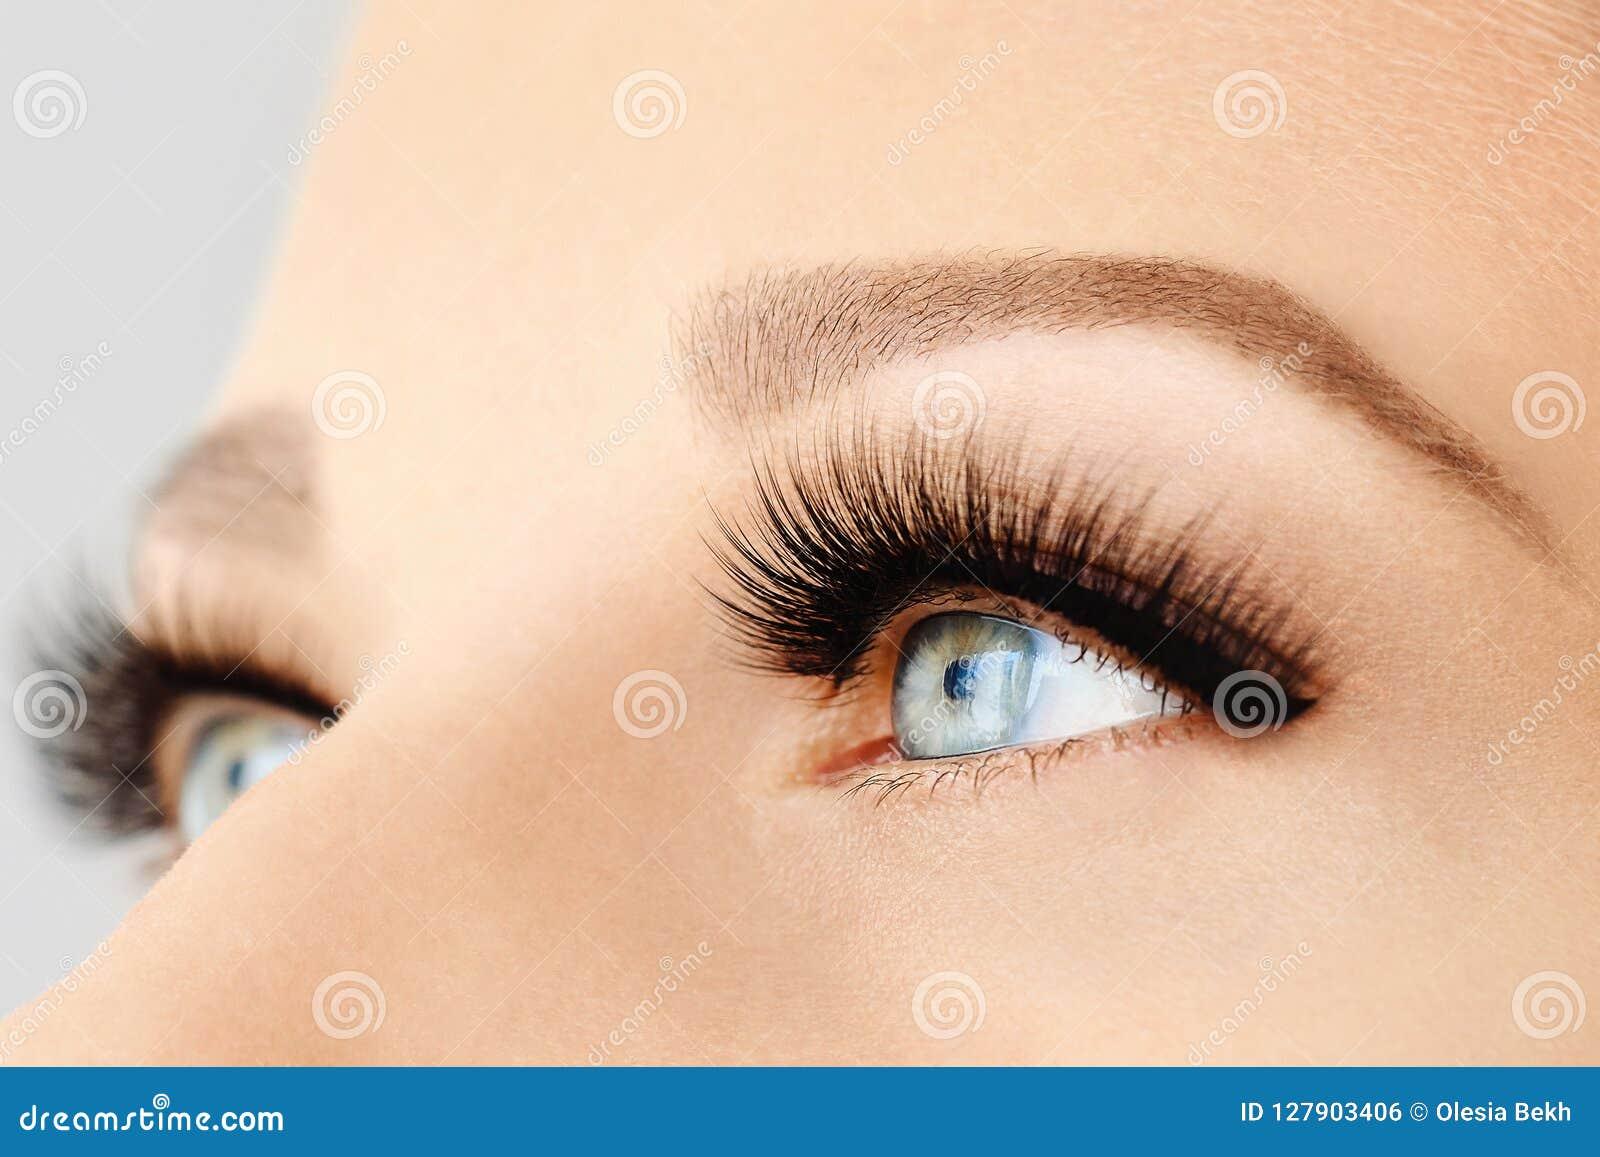 Female eye with extreme long false eyelashes and black liner. Eyelash extensions, make-up, cosmetics, beauty